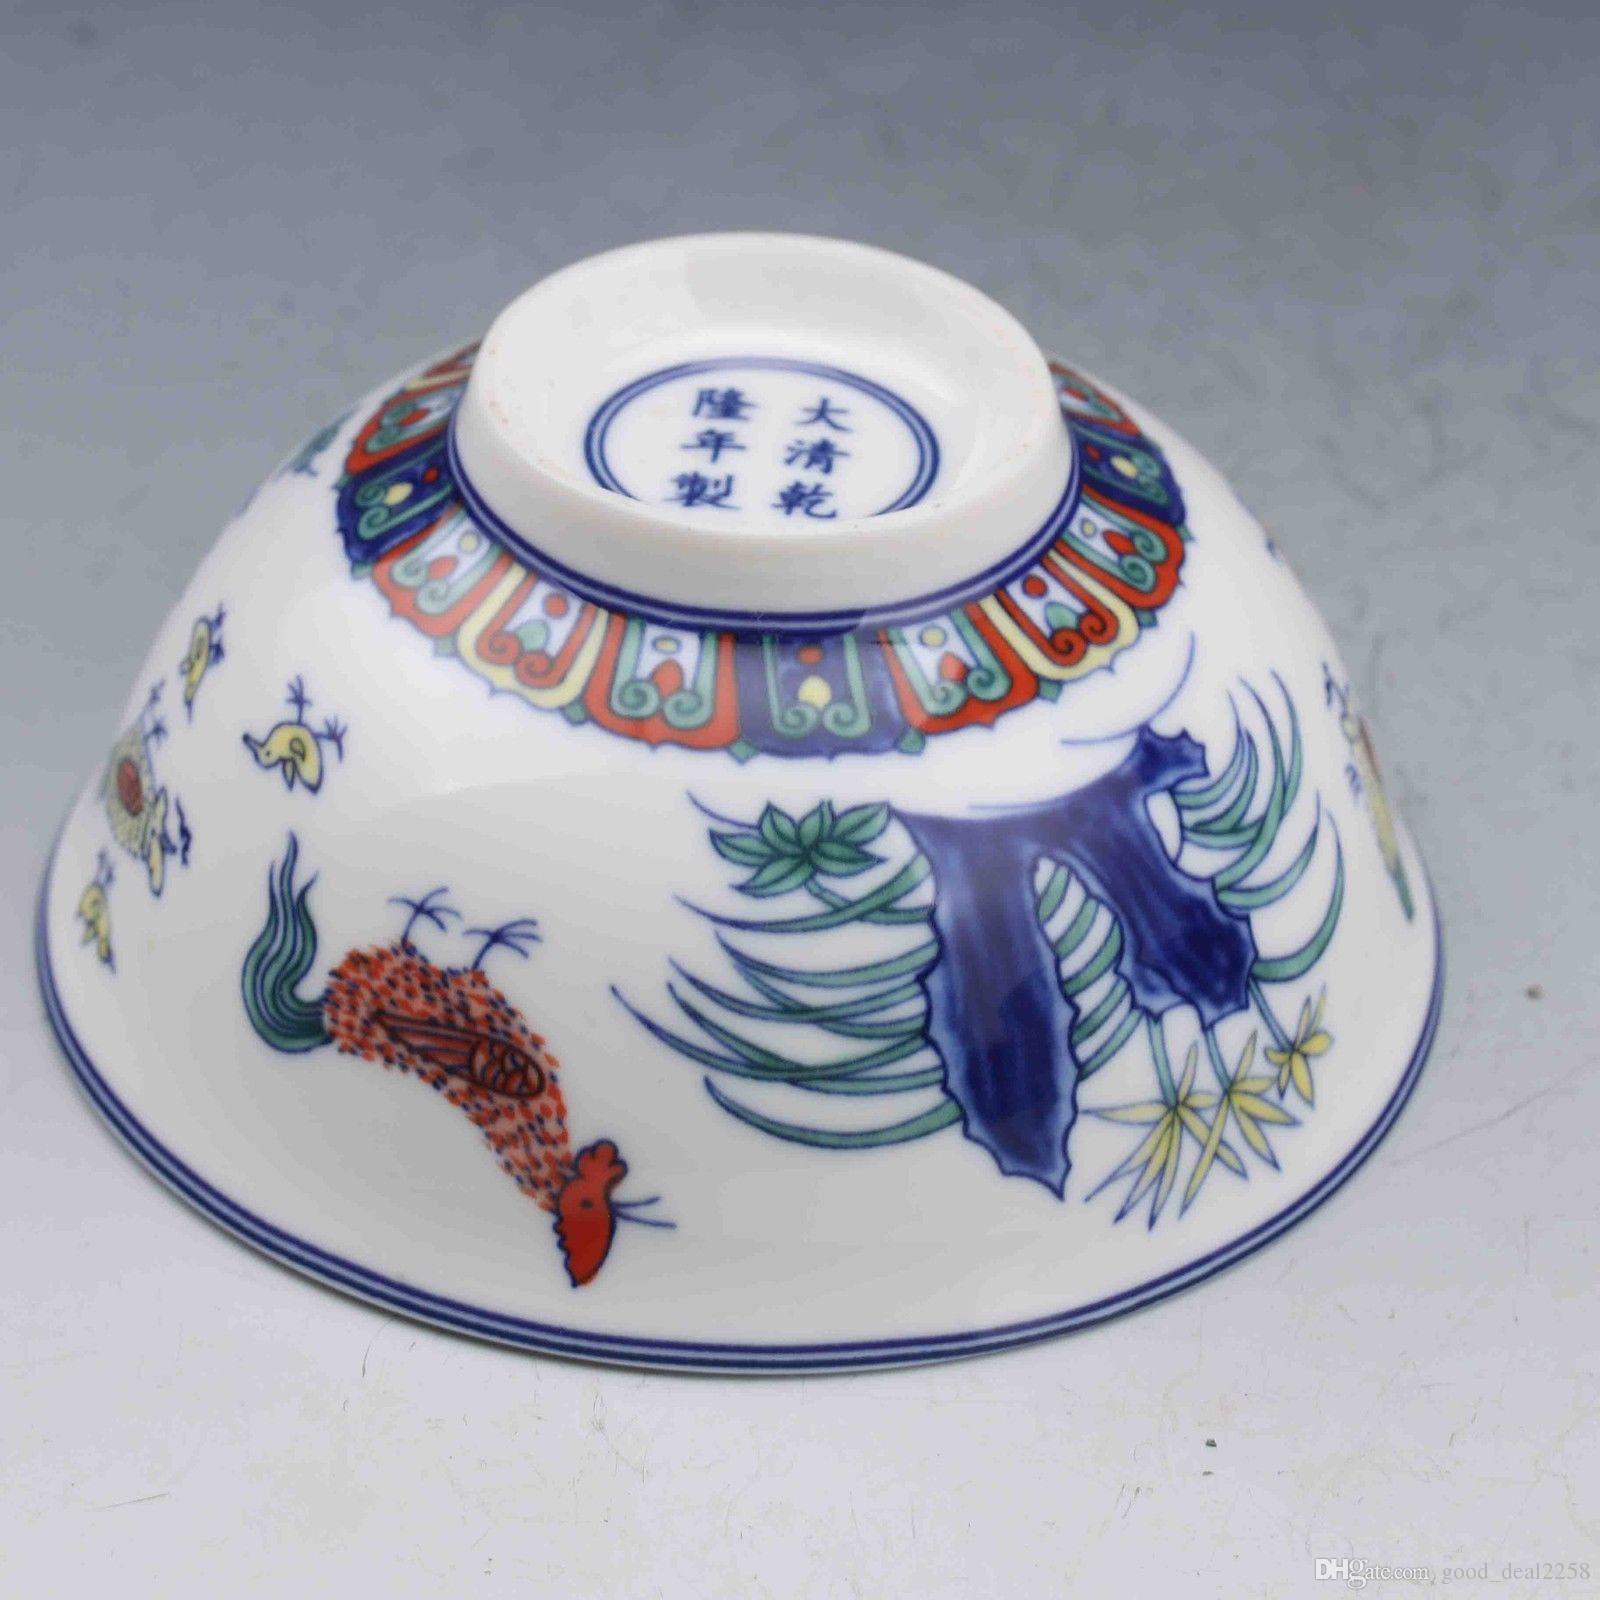 Ciotola di porcellana cinese famille rose dipinta a mano modello di pollo Bowl w Qianlong Mark